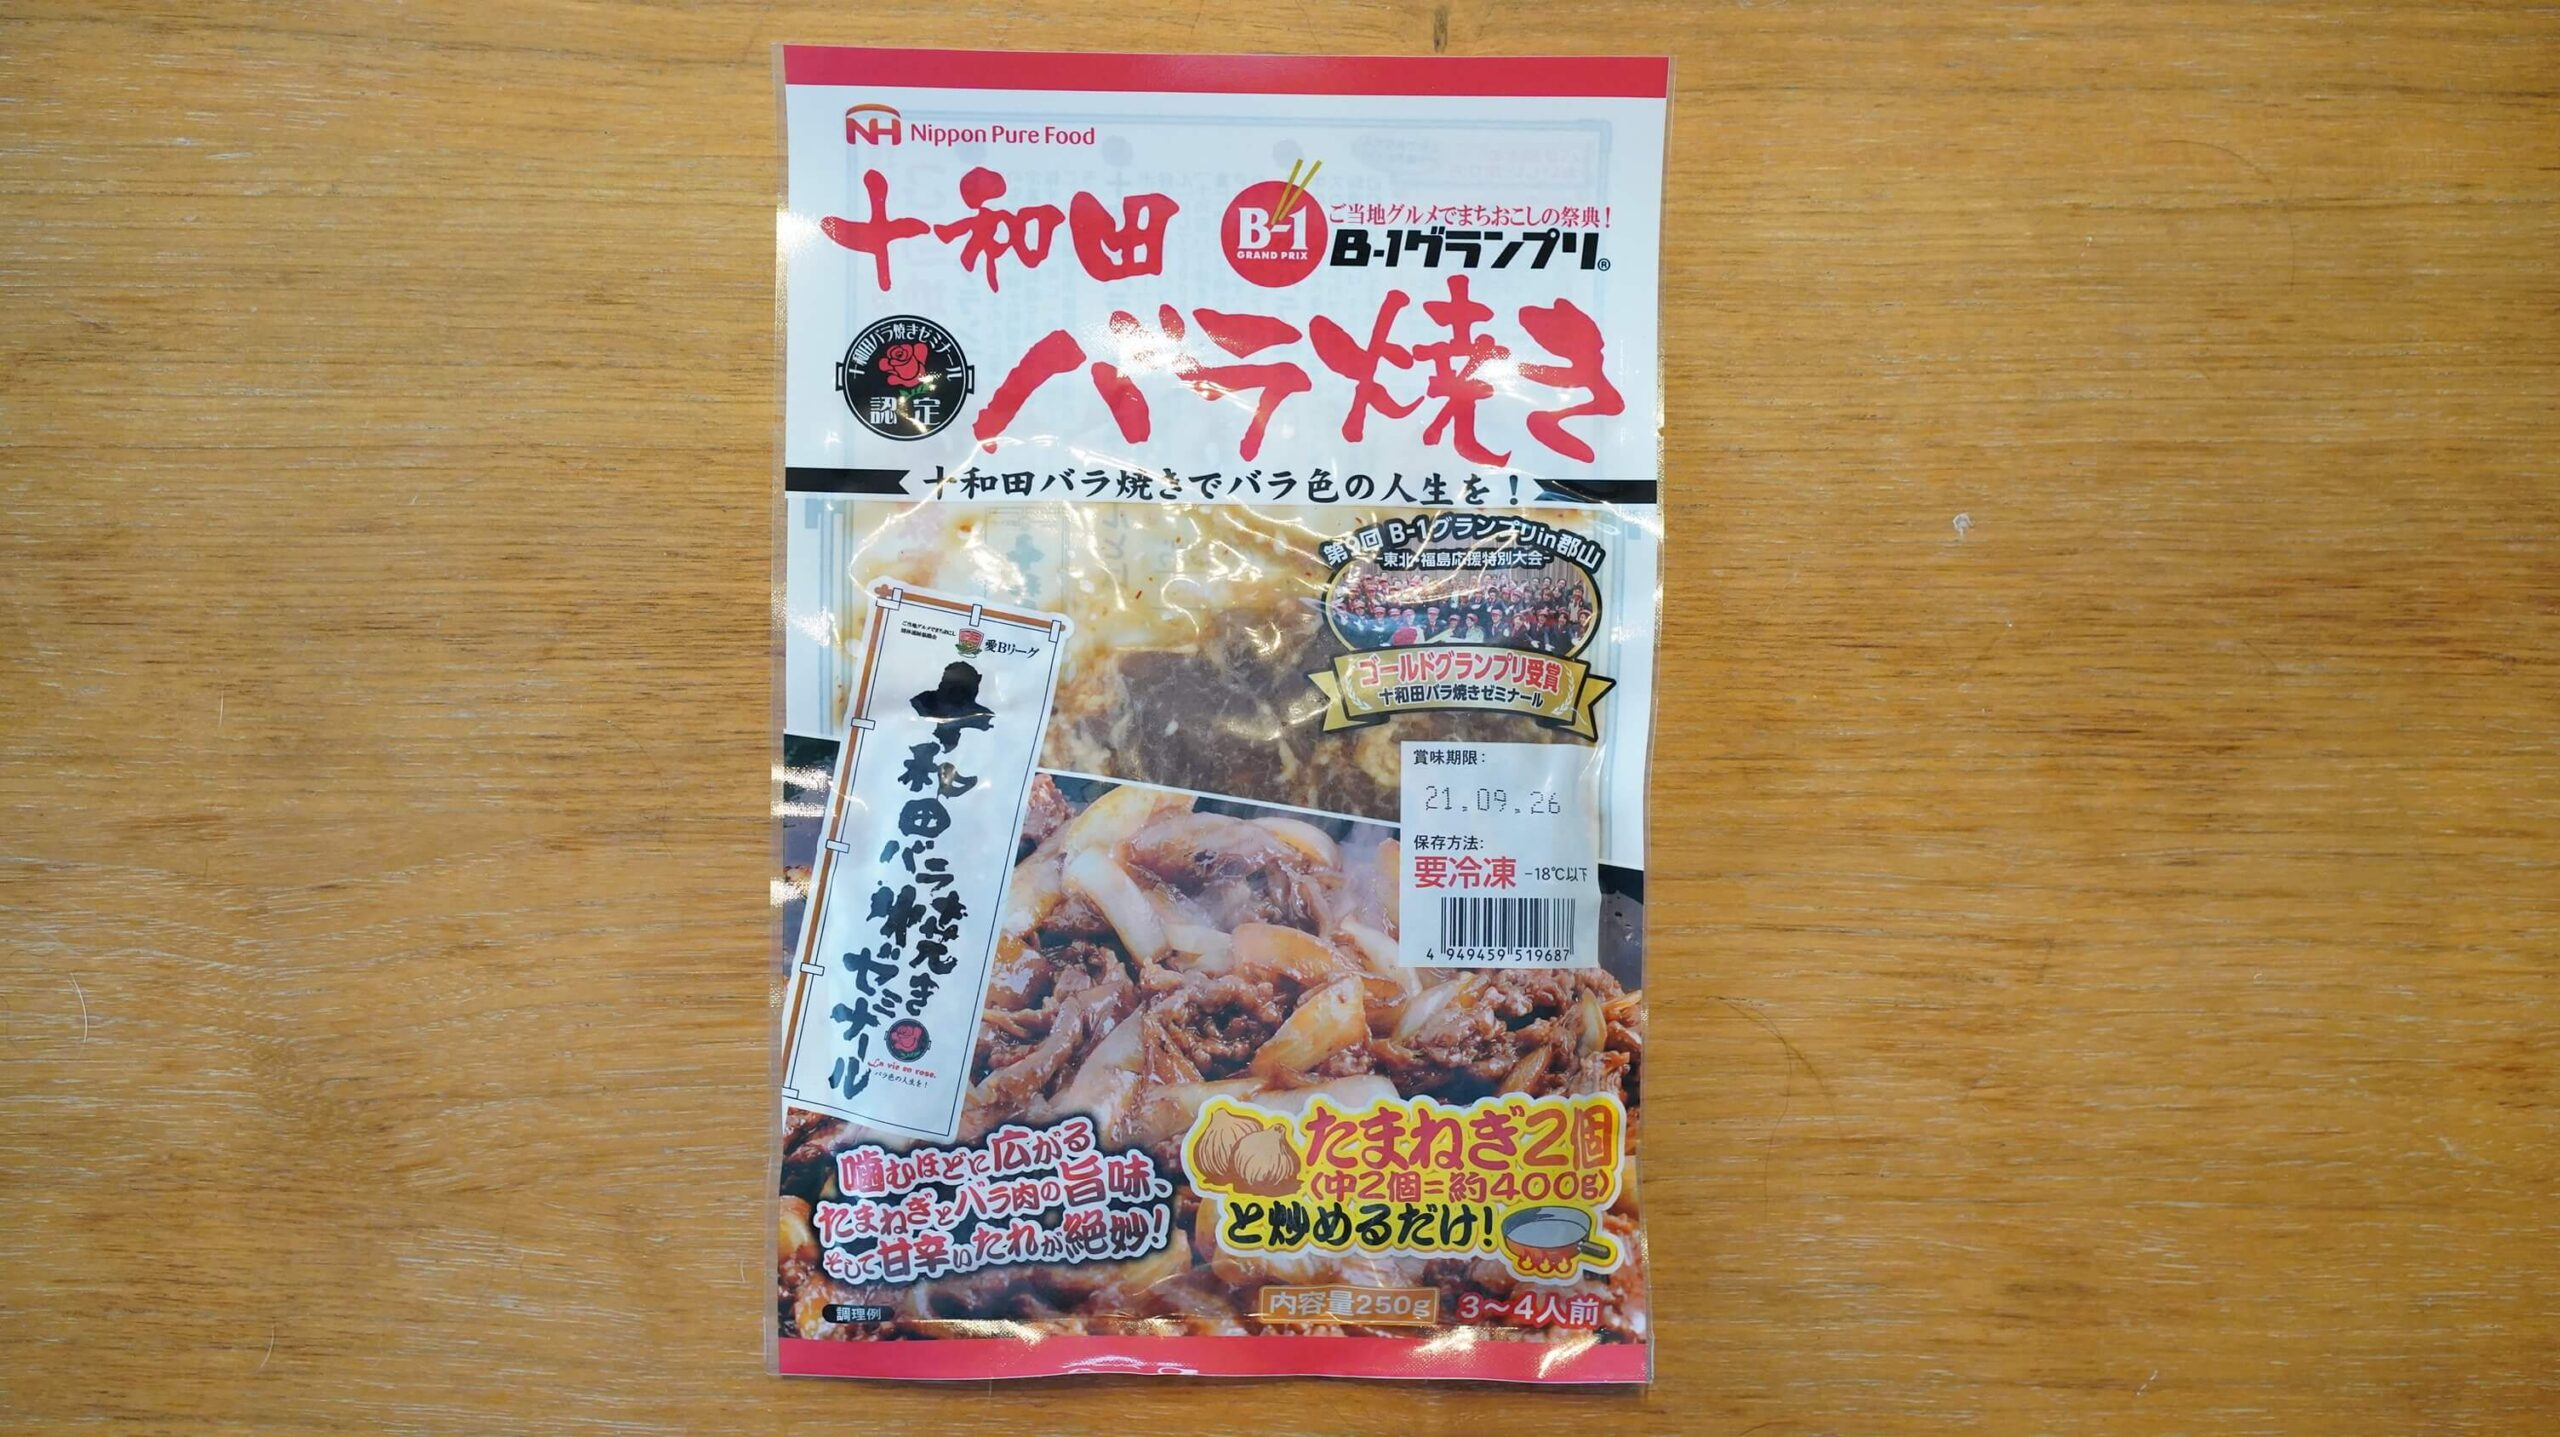 青森のB級グルメ「十和田バラ焼き」の冷凍食品のパッケージ写真